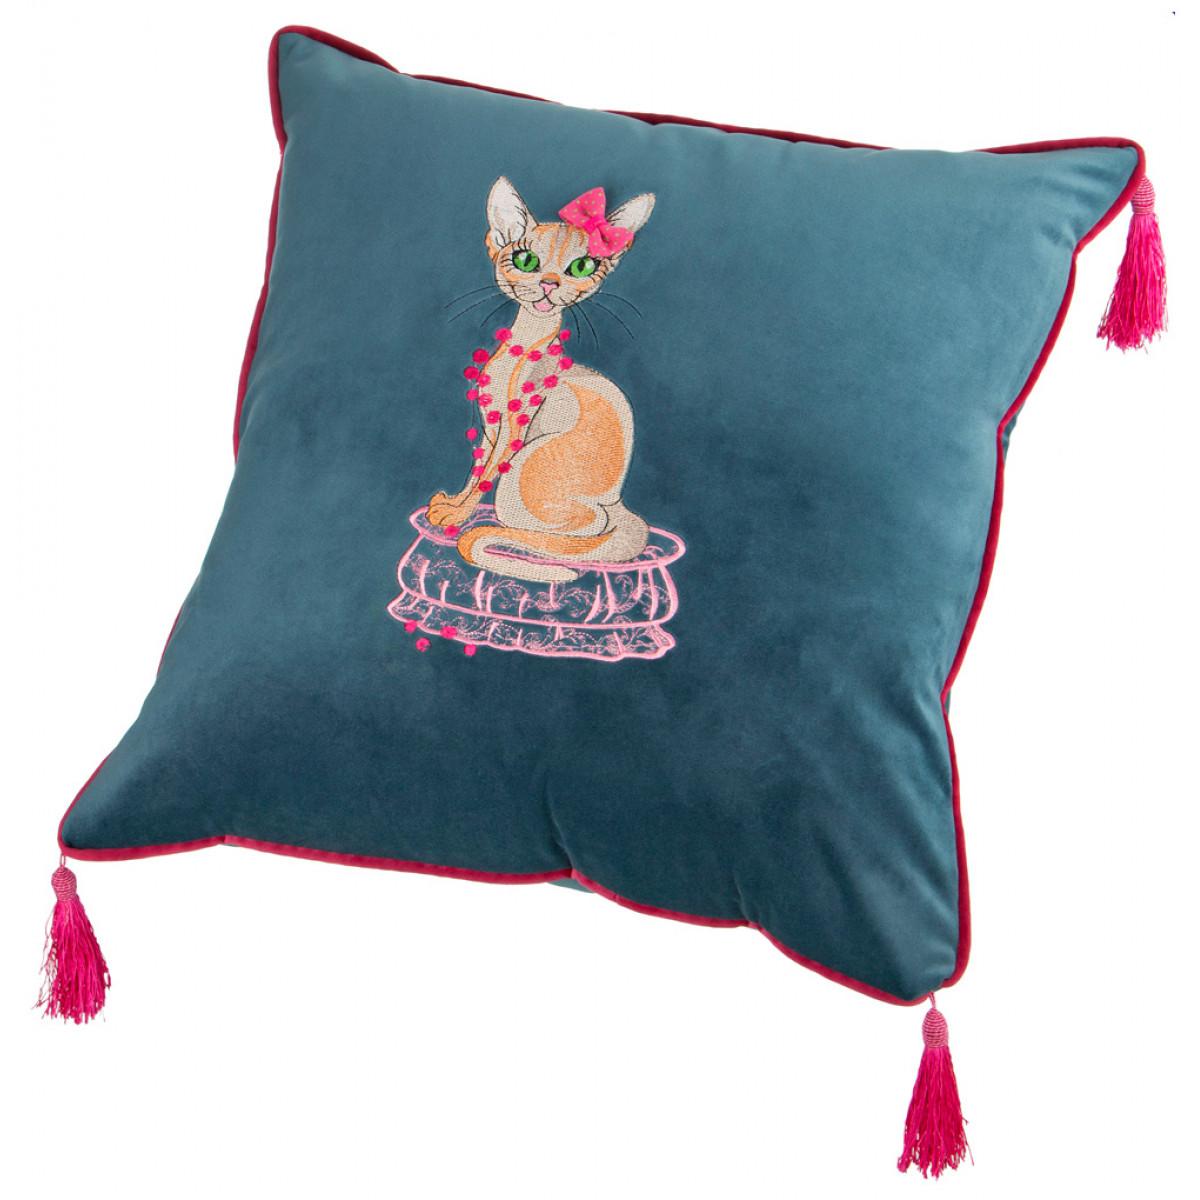 Декоративные подушки Santalino Декоративная подушка Judie  (45х45) подушка арти м декоративная 45х45 см цветы 703 694 37